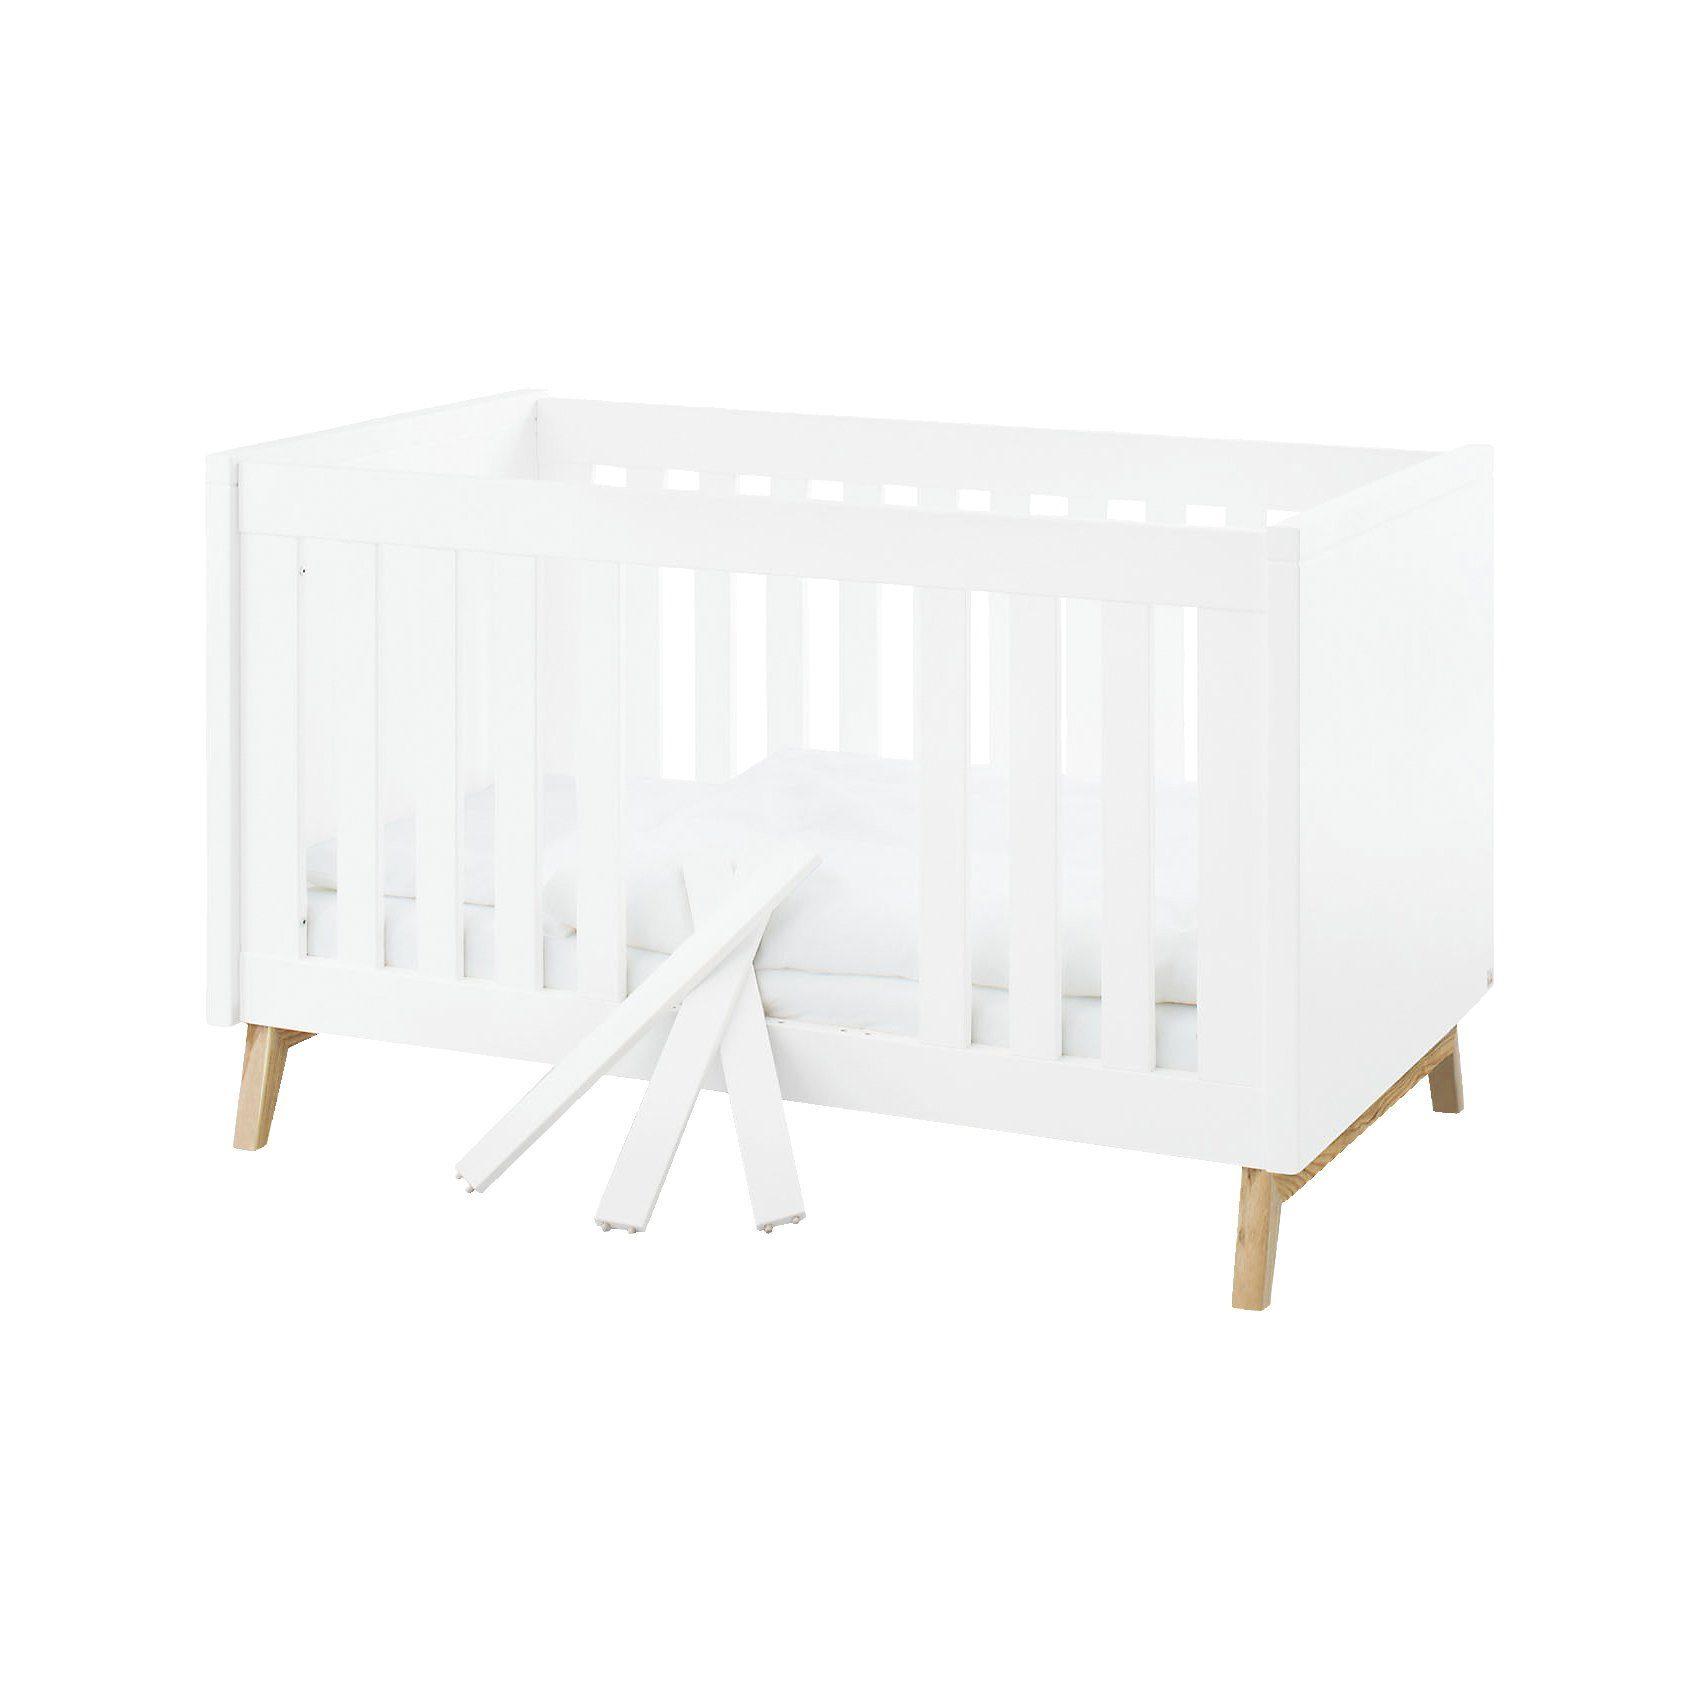 Pinolino Kinderbett RIVA, 70 x 140 cm, Esche teilmassiv, weiß lackier